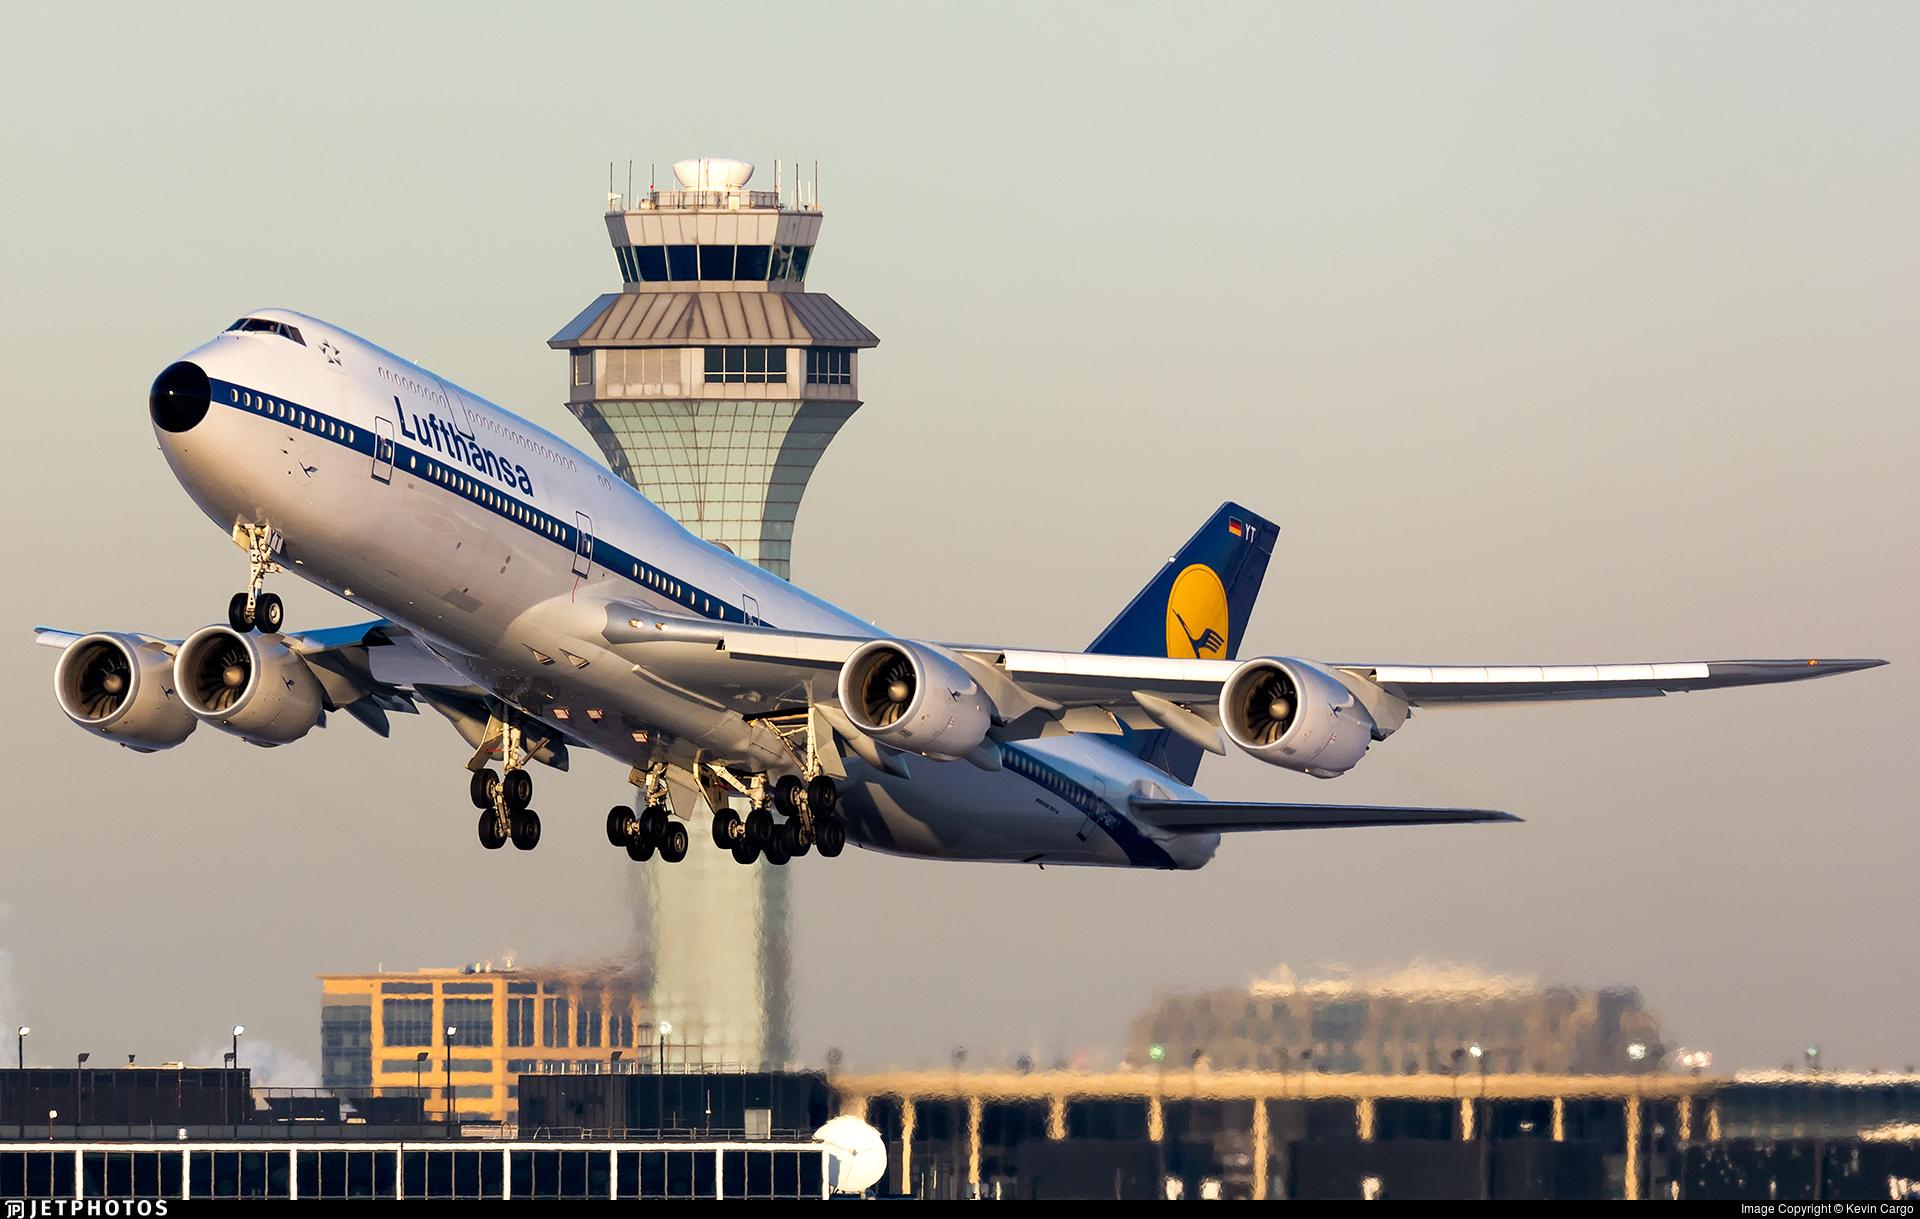 Lufthansa 747 departing Chicago